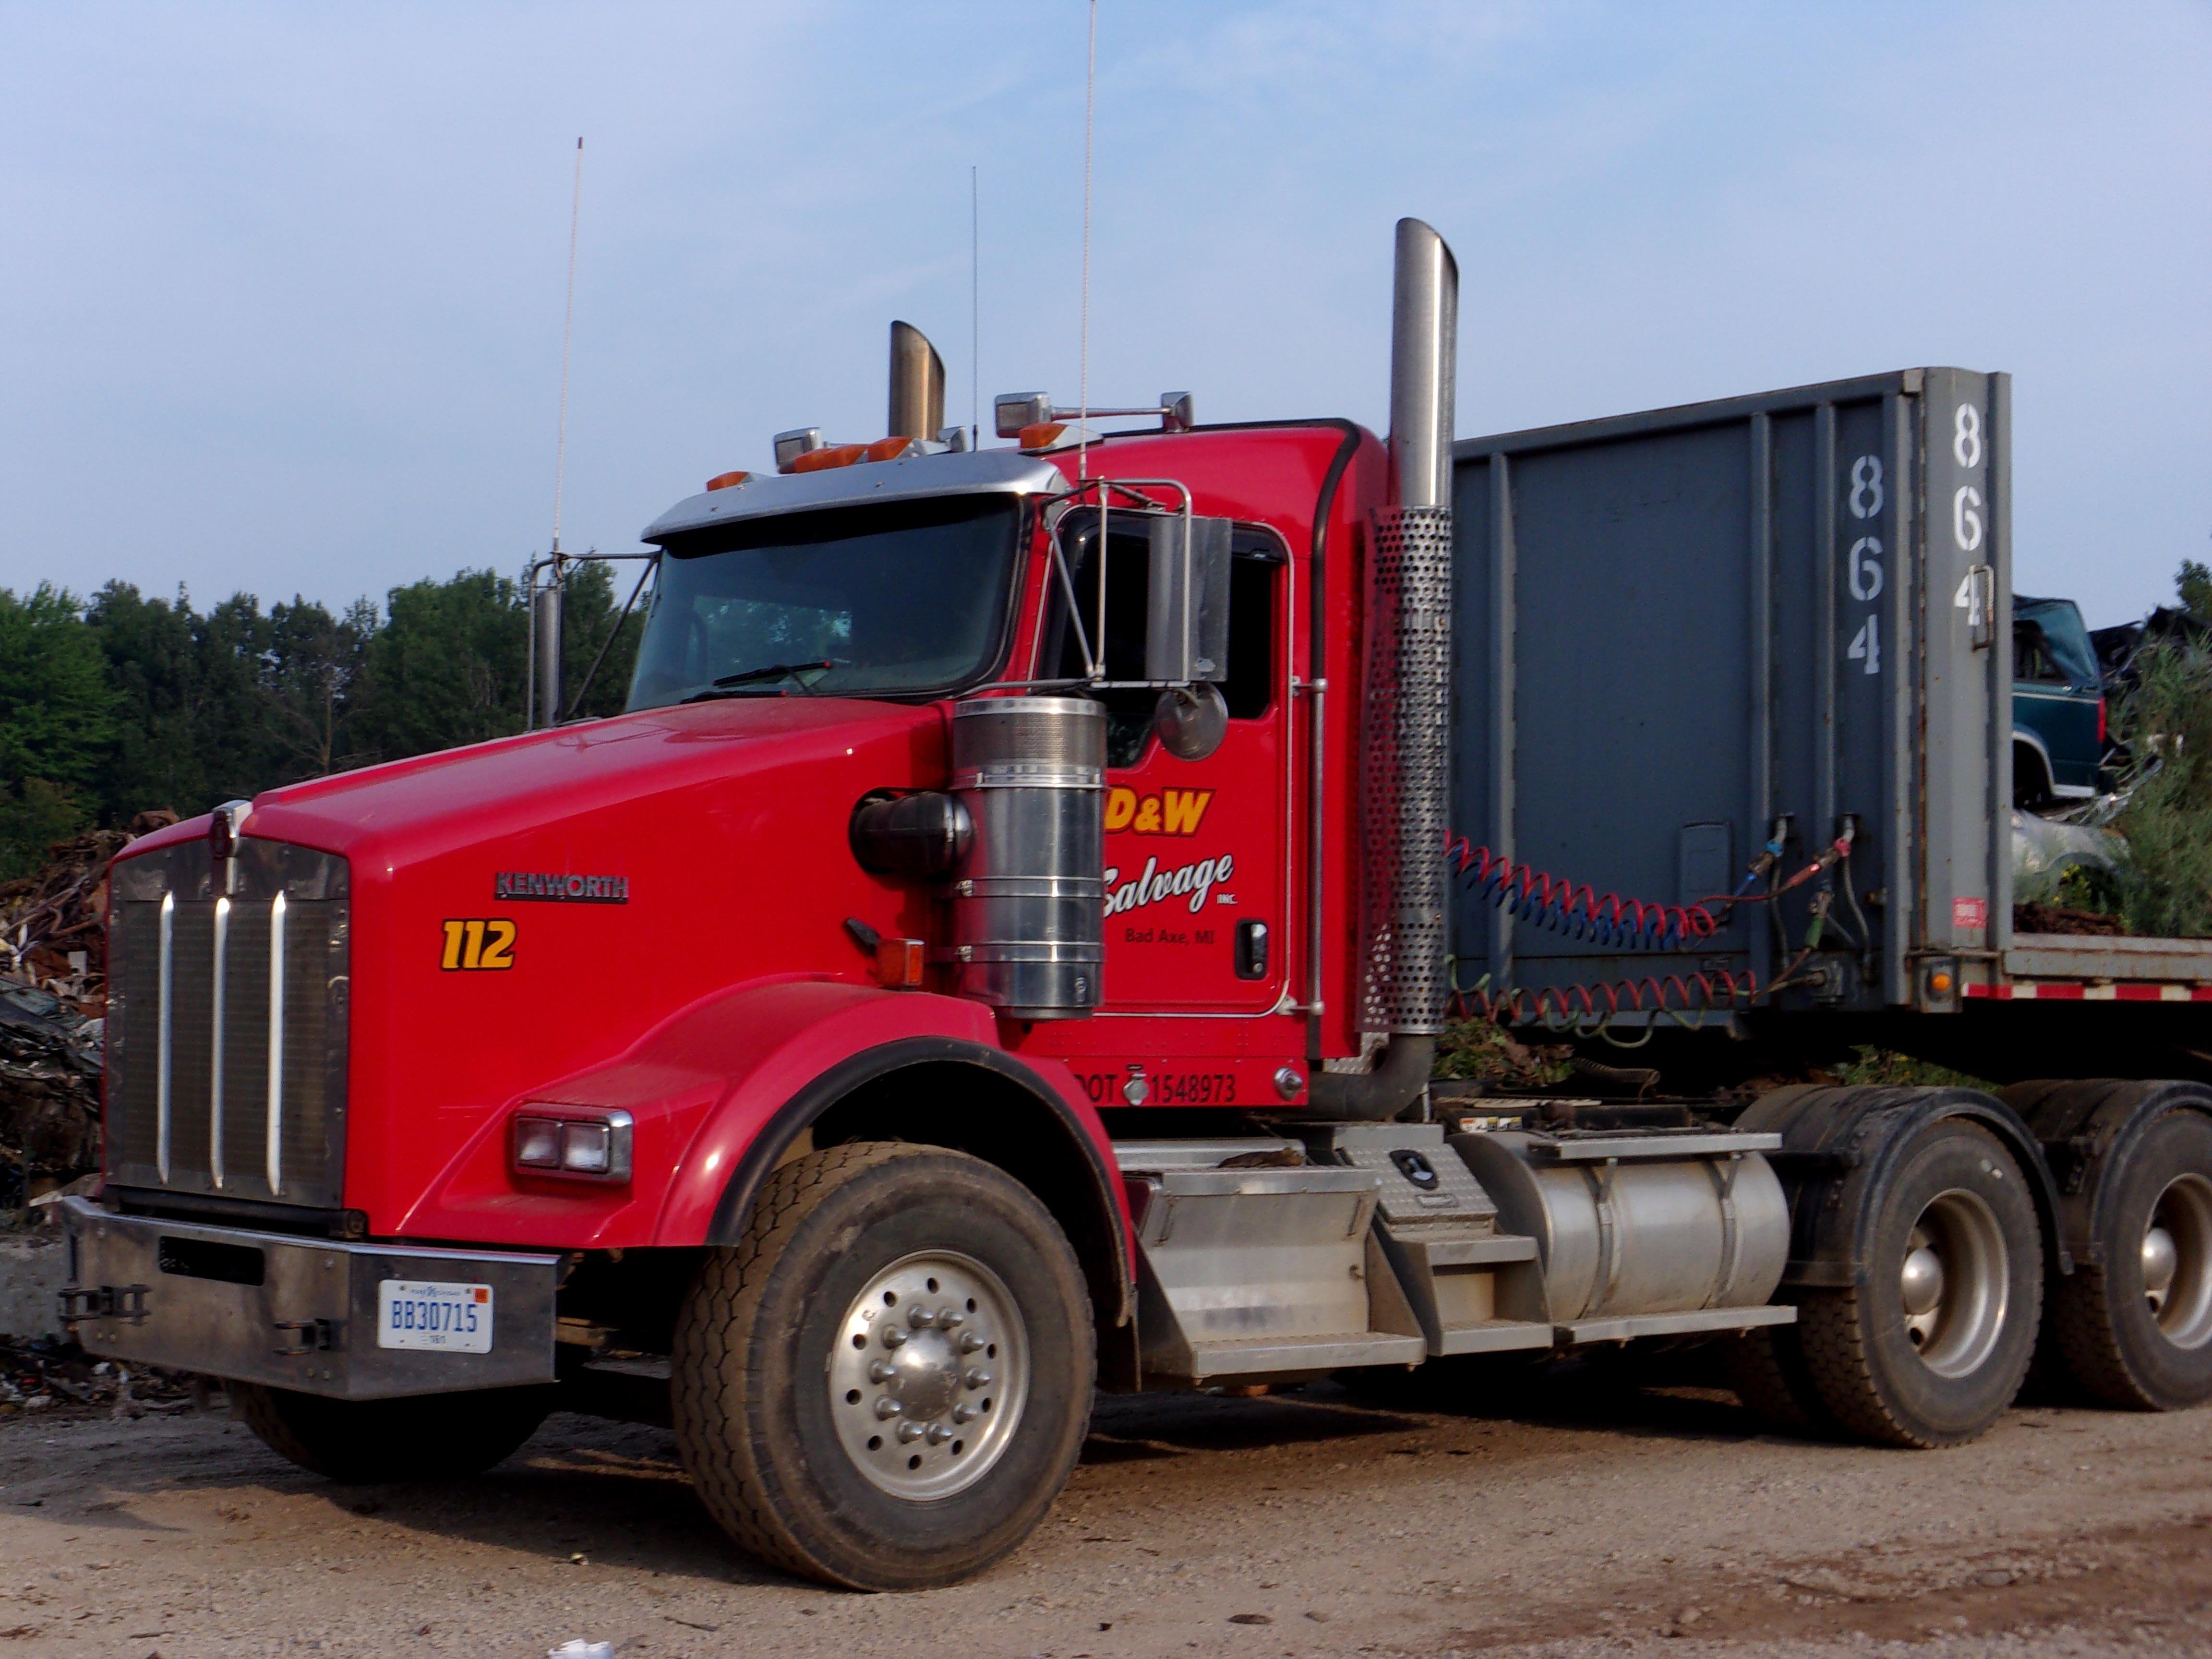 D&W Salvage Red Semi Truck